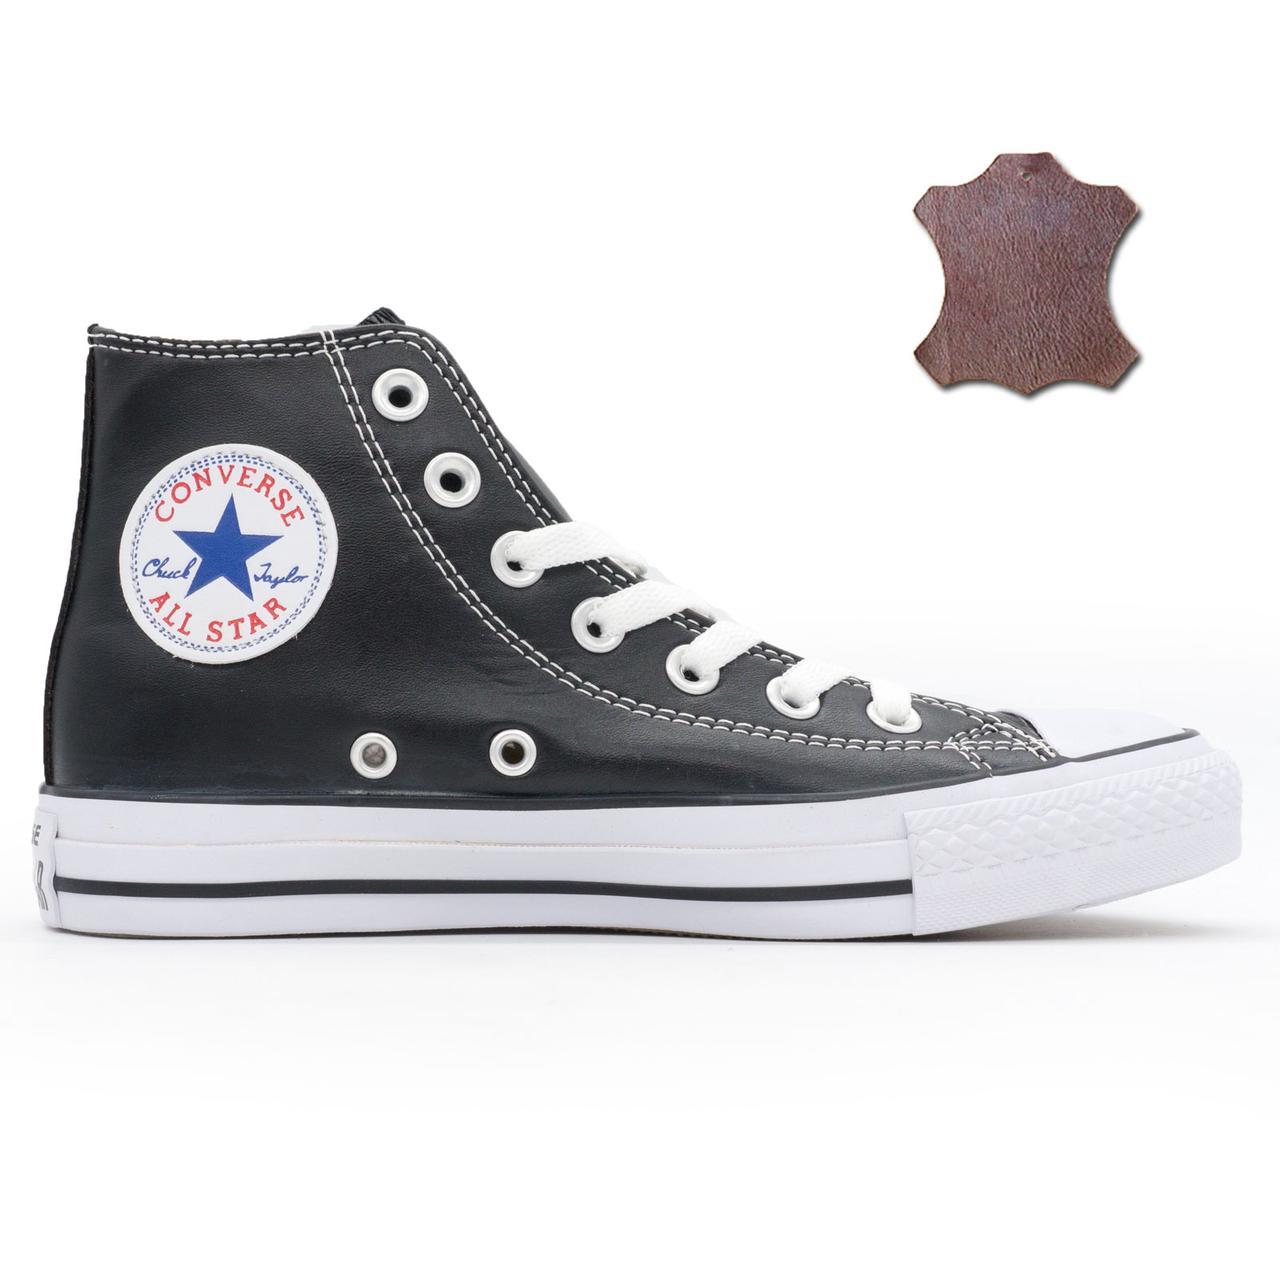 db24bd6d Кожаные Кеды Converse (Конверс) Высокие Черные. Топ Качество! Р.(37 ...